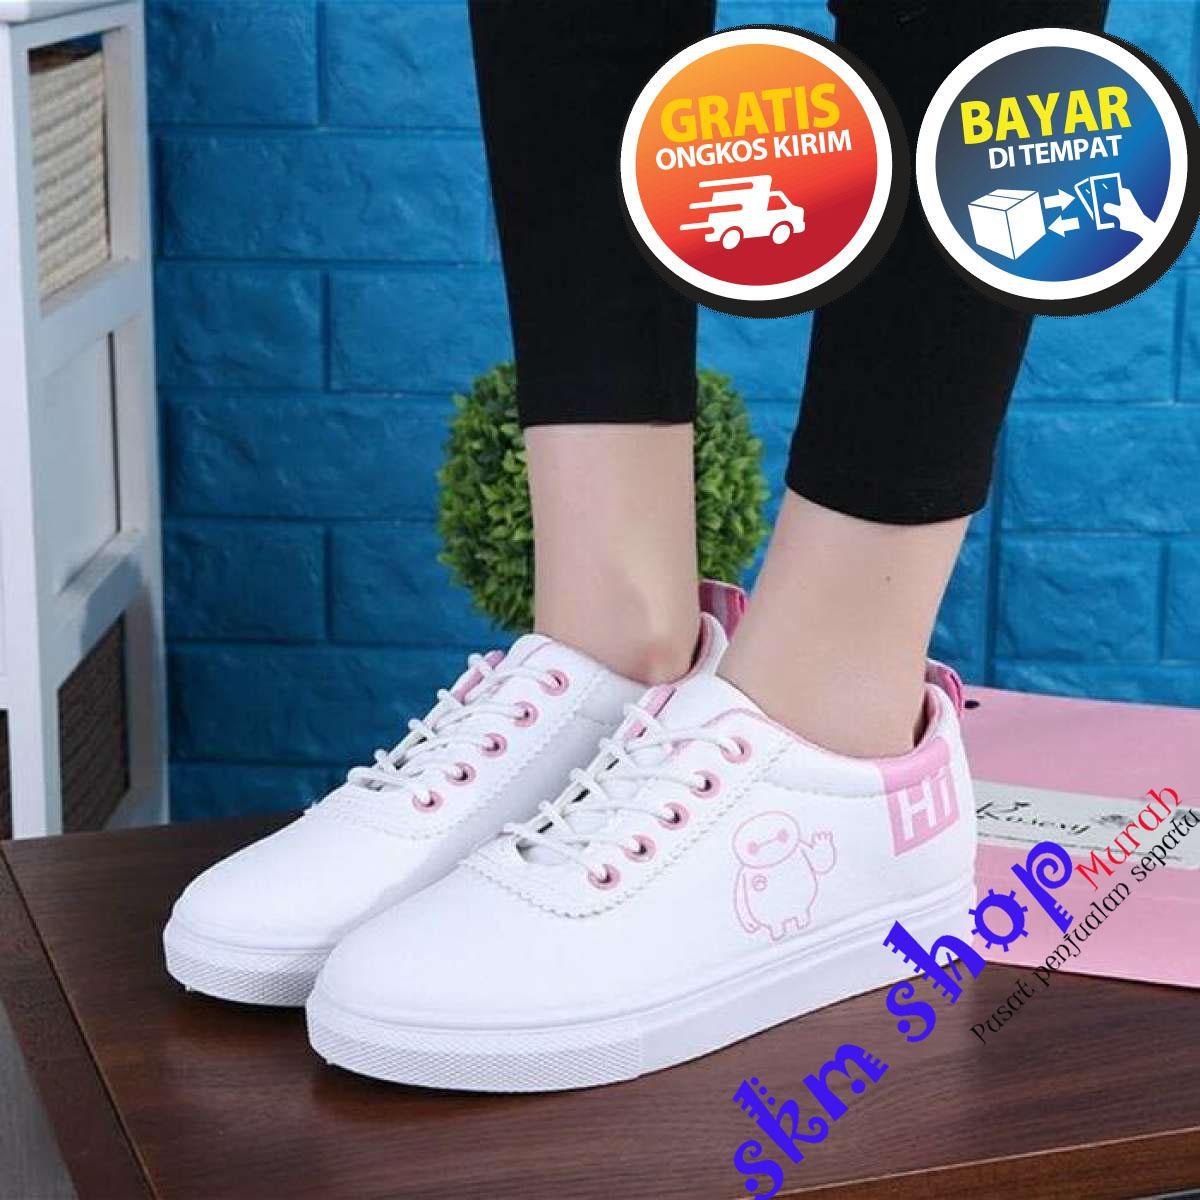 SKM Sepatu Kets Wanita dan Pria HI Baymax/ Sepatu Sneakers